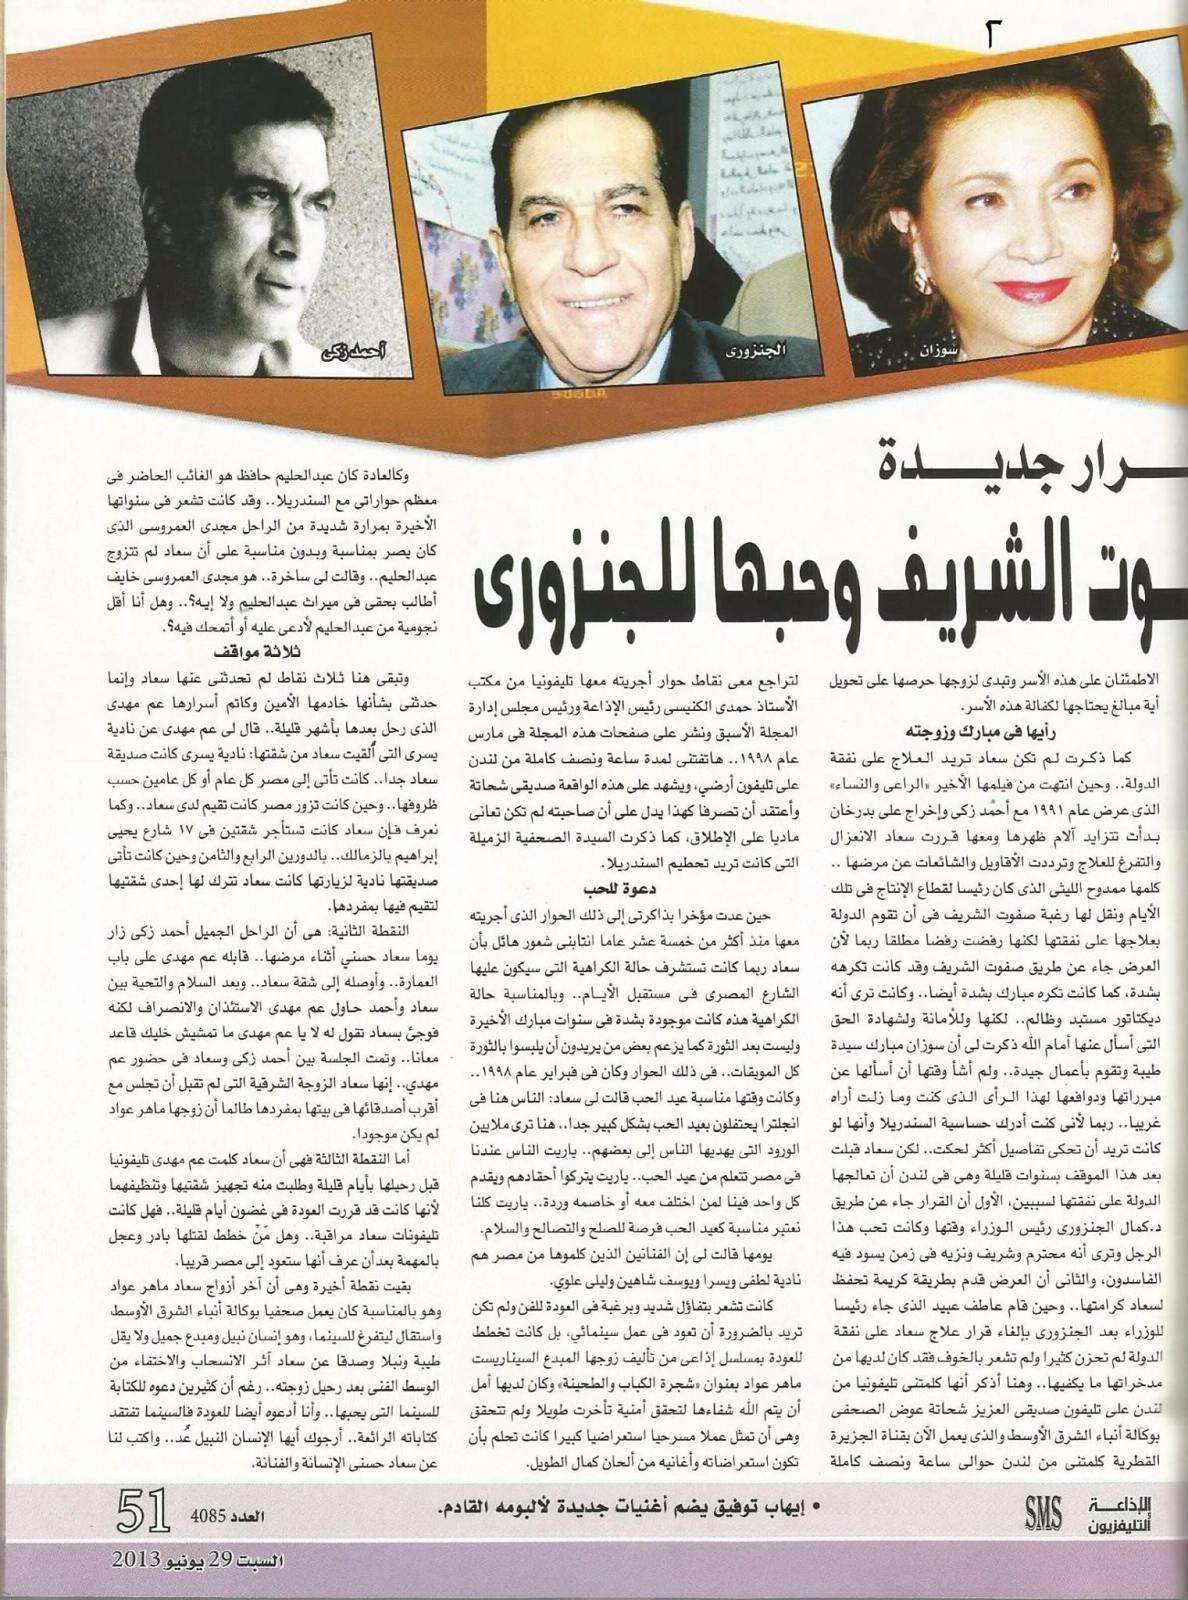 مقال - مقال صحفي : في ذكرى رحيل سعاد حسني .. أسرار جديدة 2013 م 2vinzgx